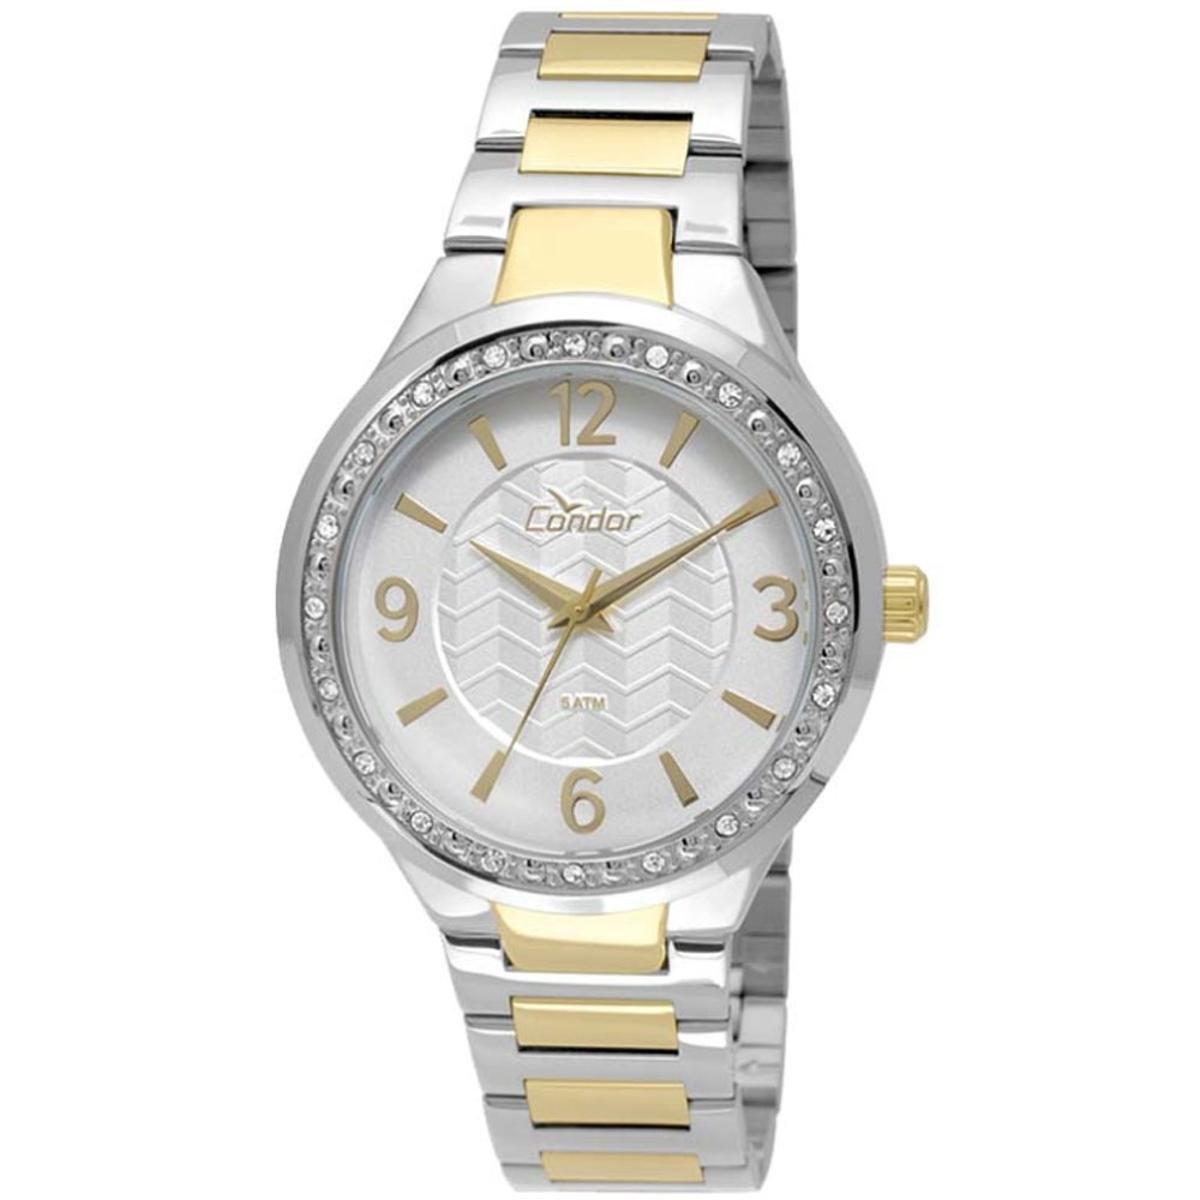 3ecf9997070 Relógio Feminino Condor Co2035ktc 5K - Dourado - Compre Agora